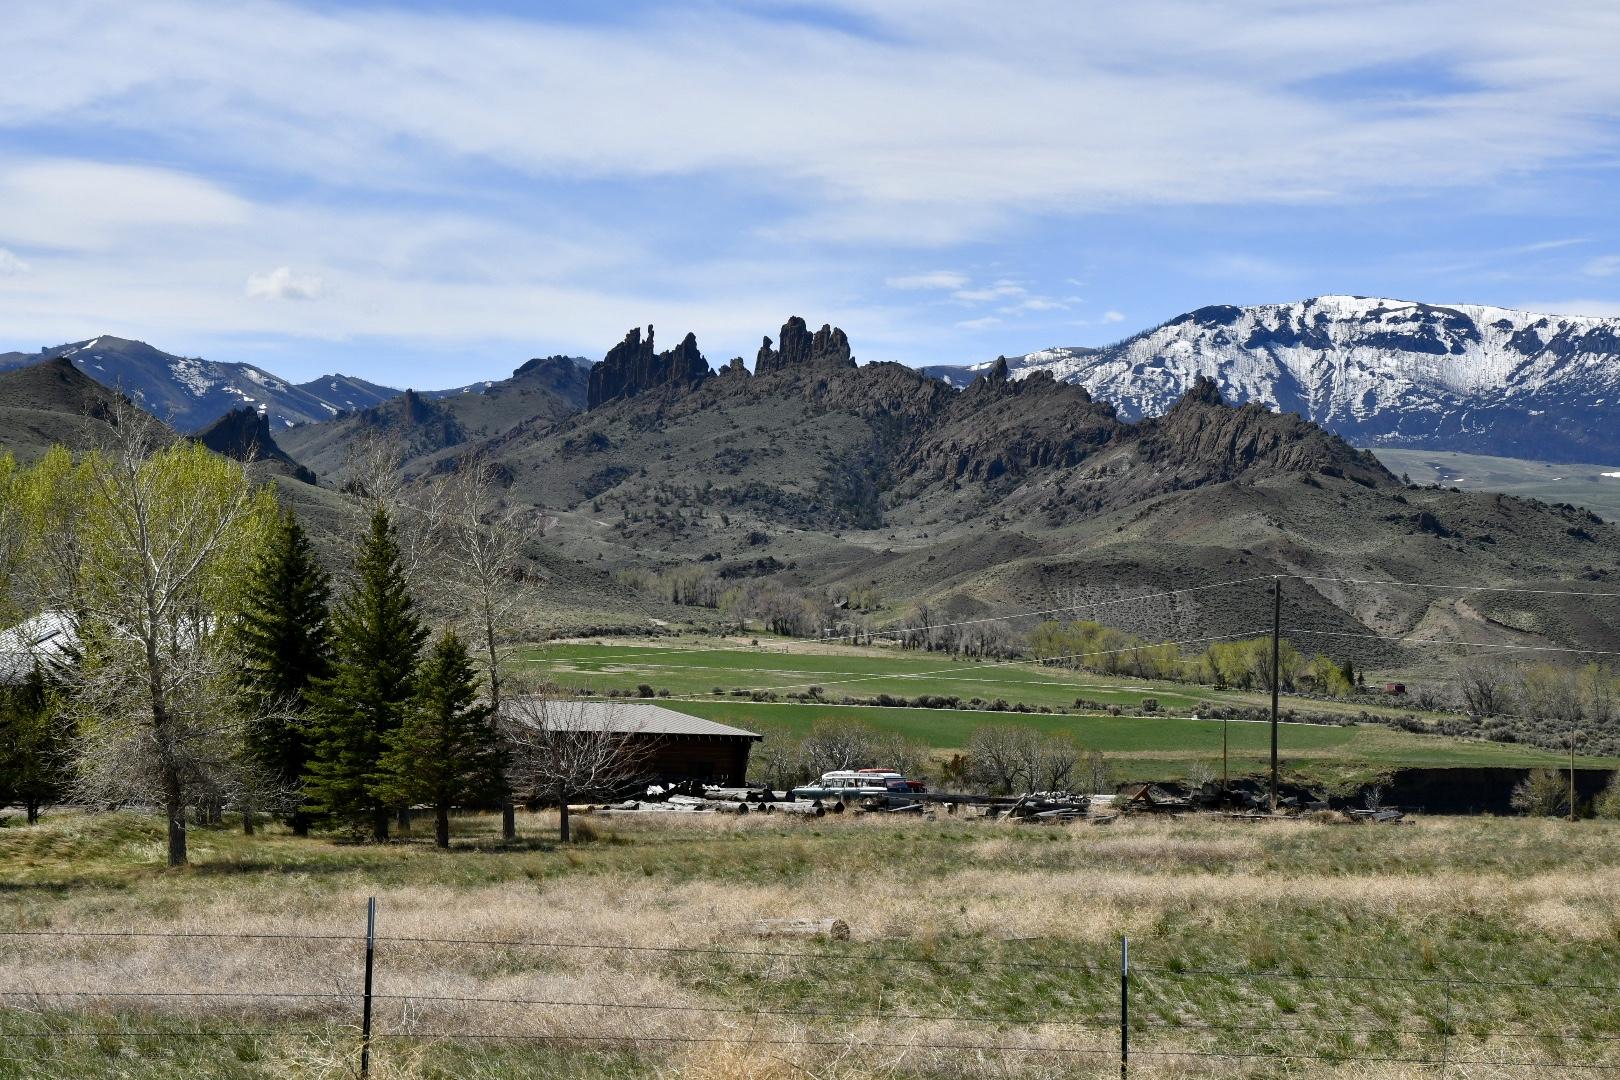 Farm im Shoshone National Forest mit grünem Weideland vor beeindruckender Bergkulisse mit gezackten Felsen